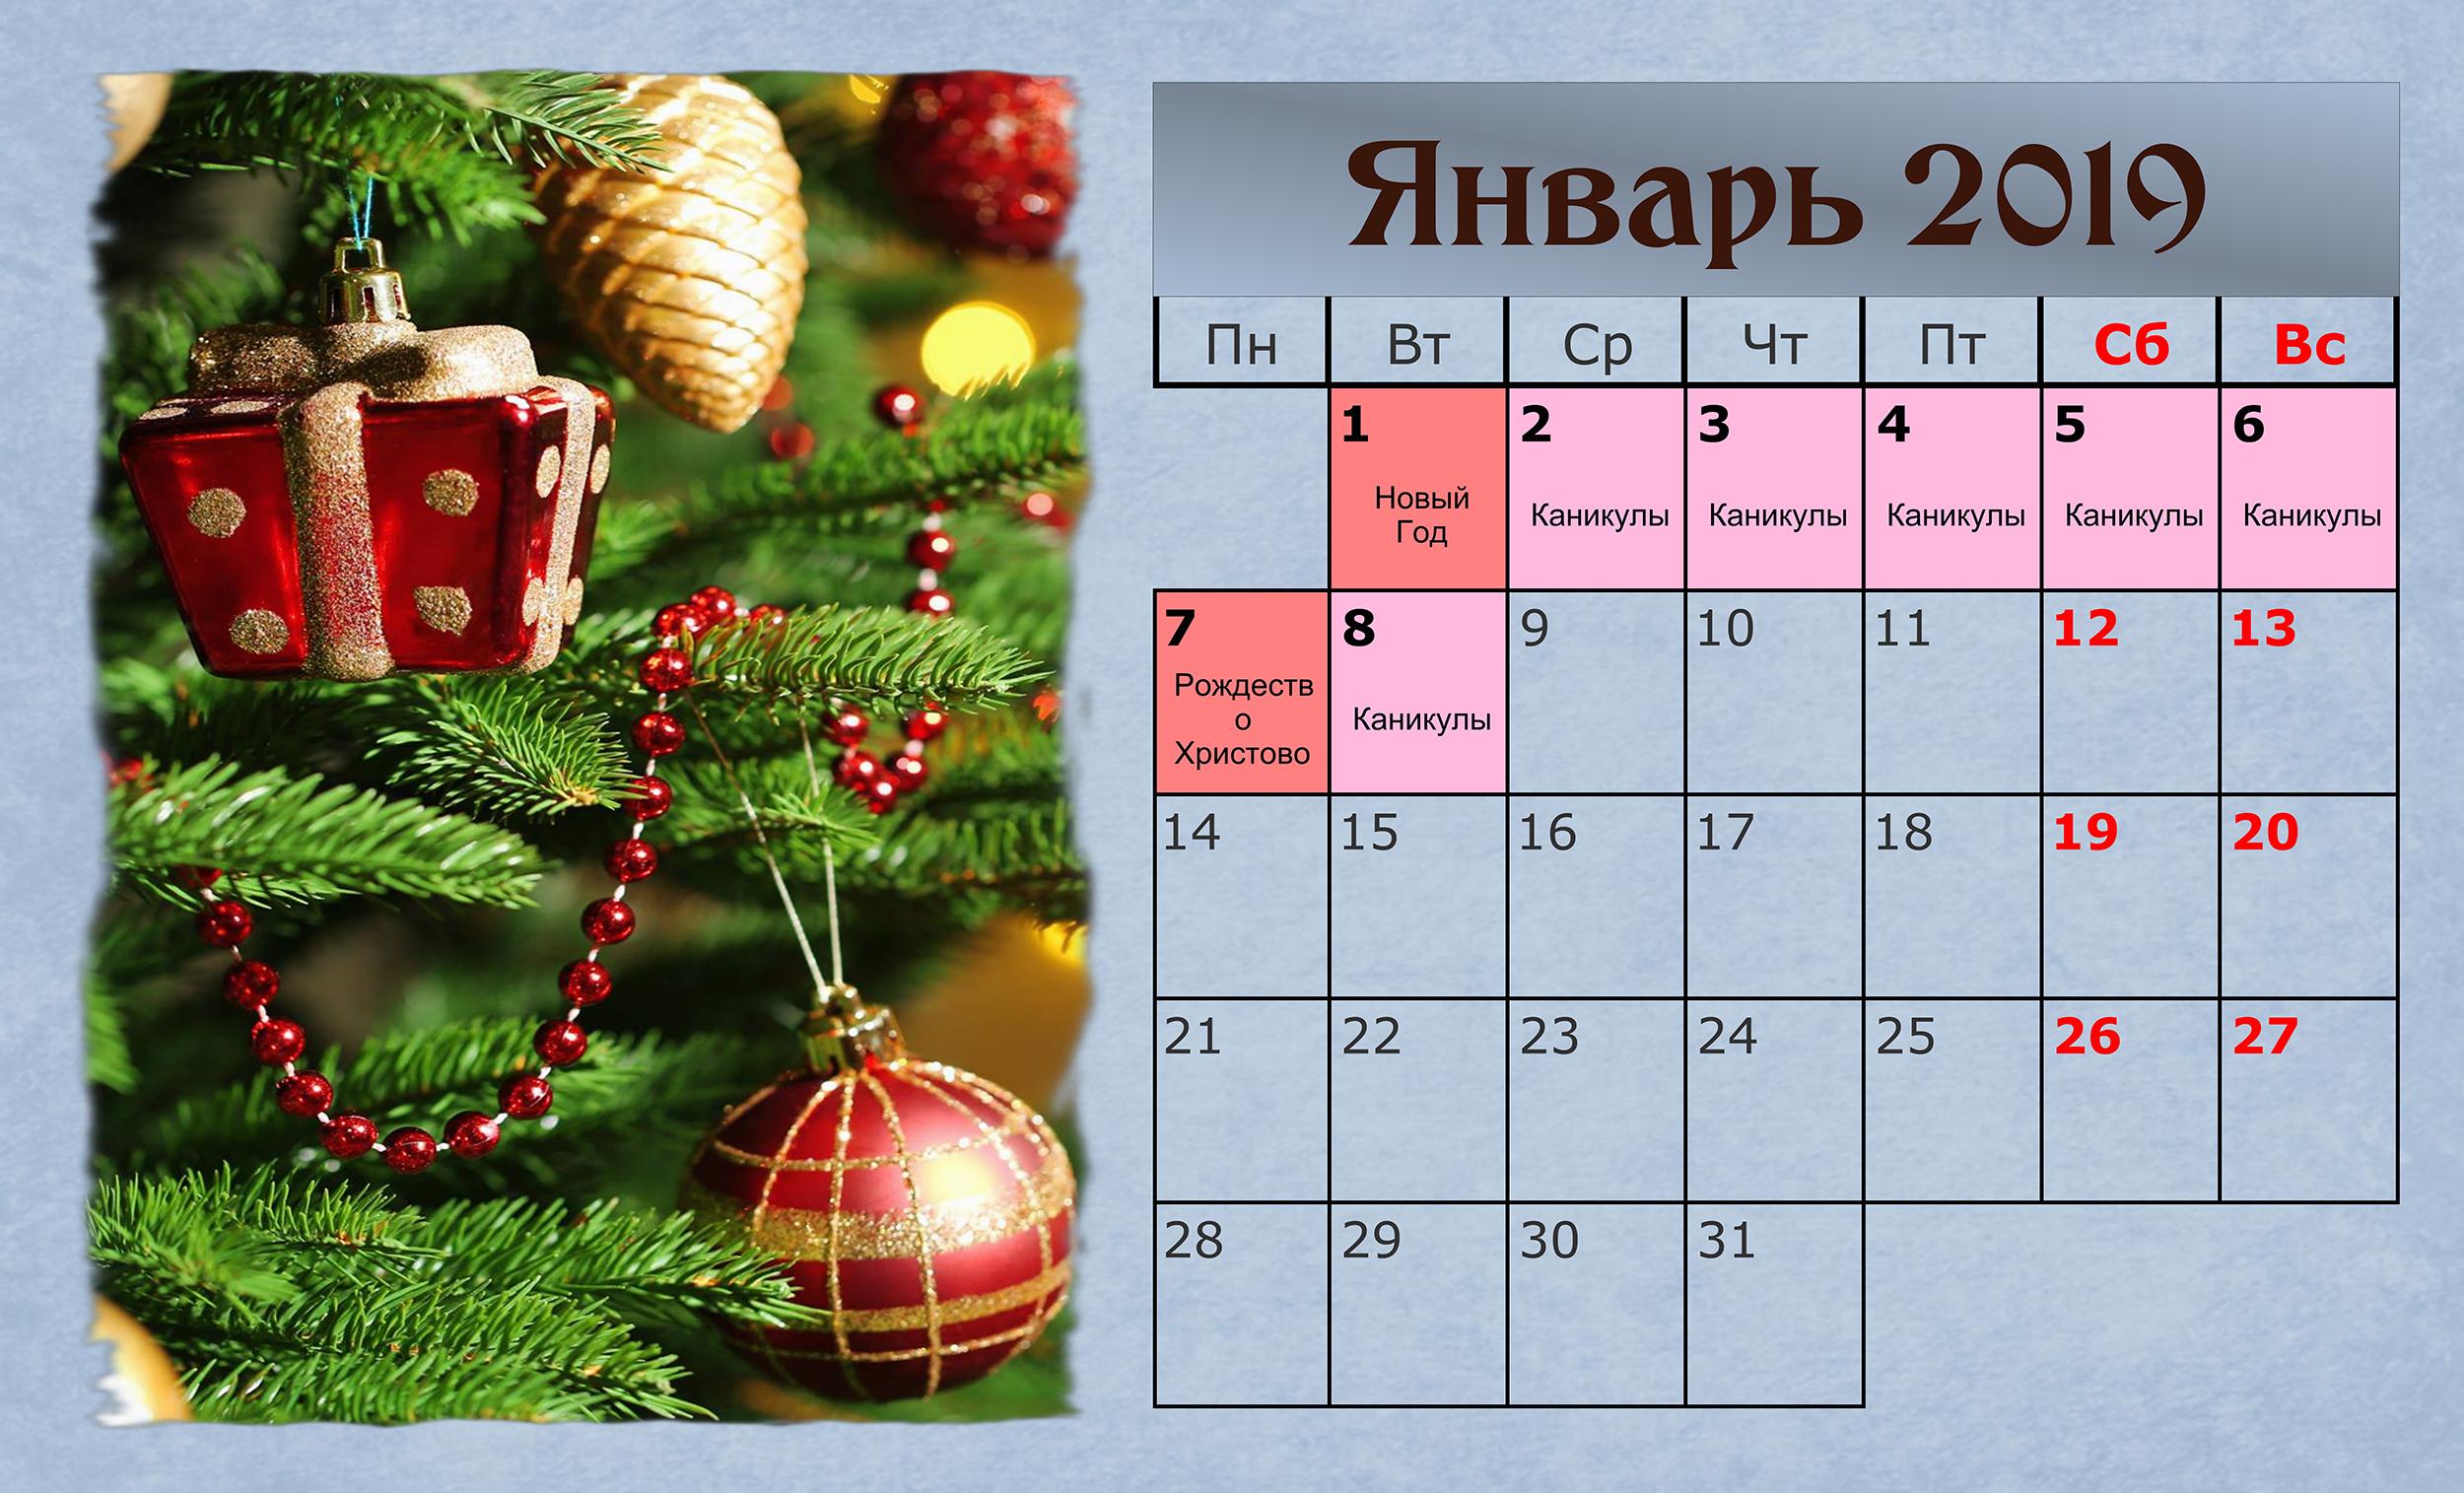 Как будет оплачиваться период праздников в январе фото